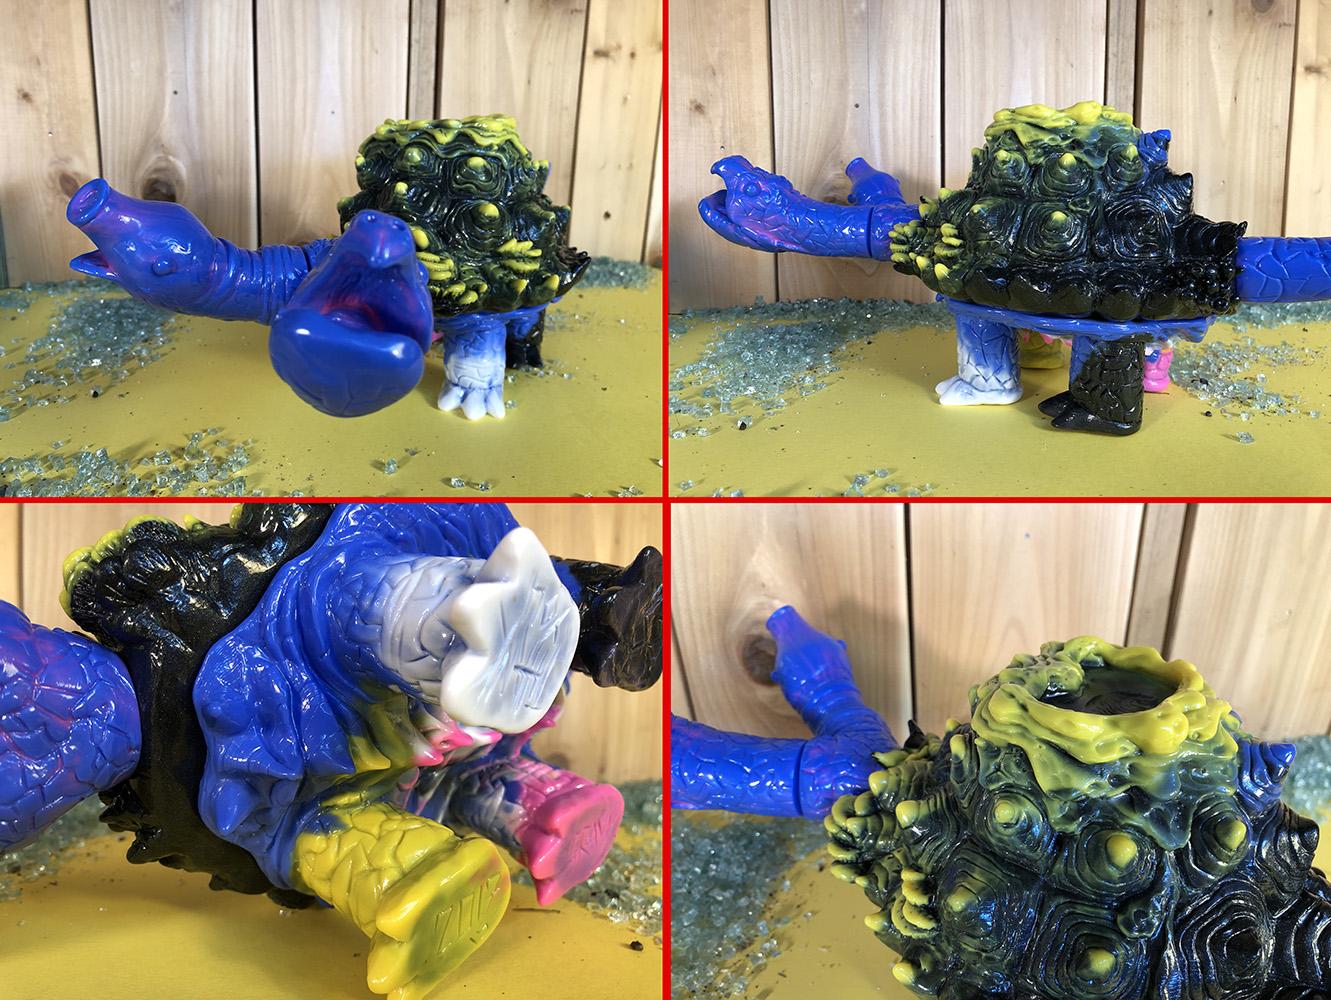 krackle oneoff may1901.jpg